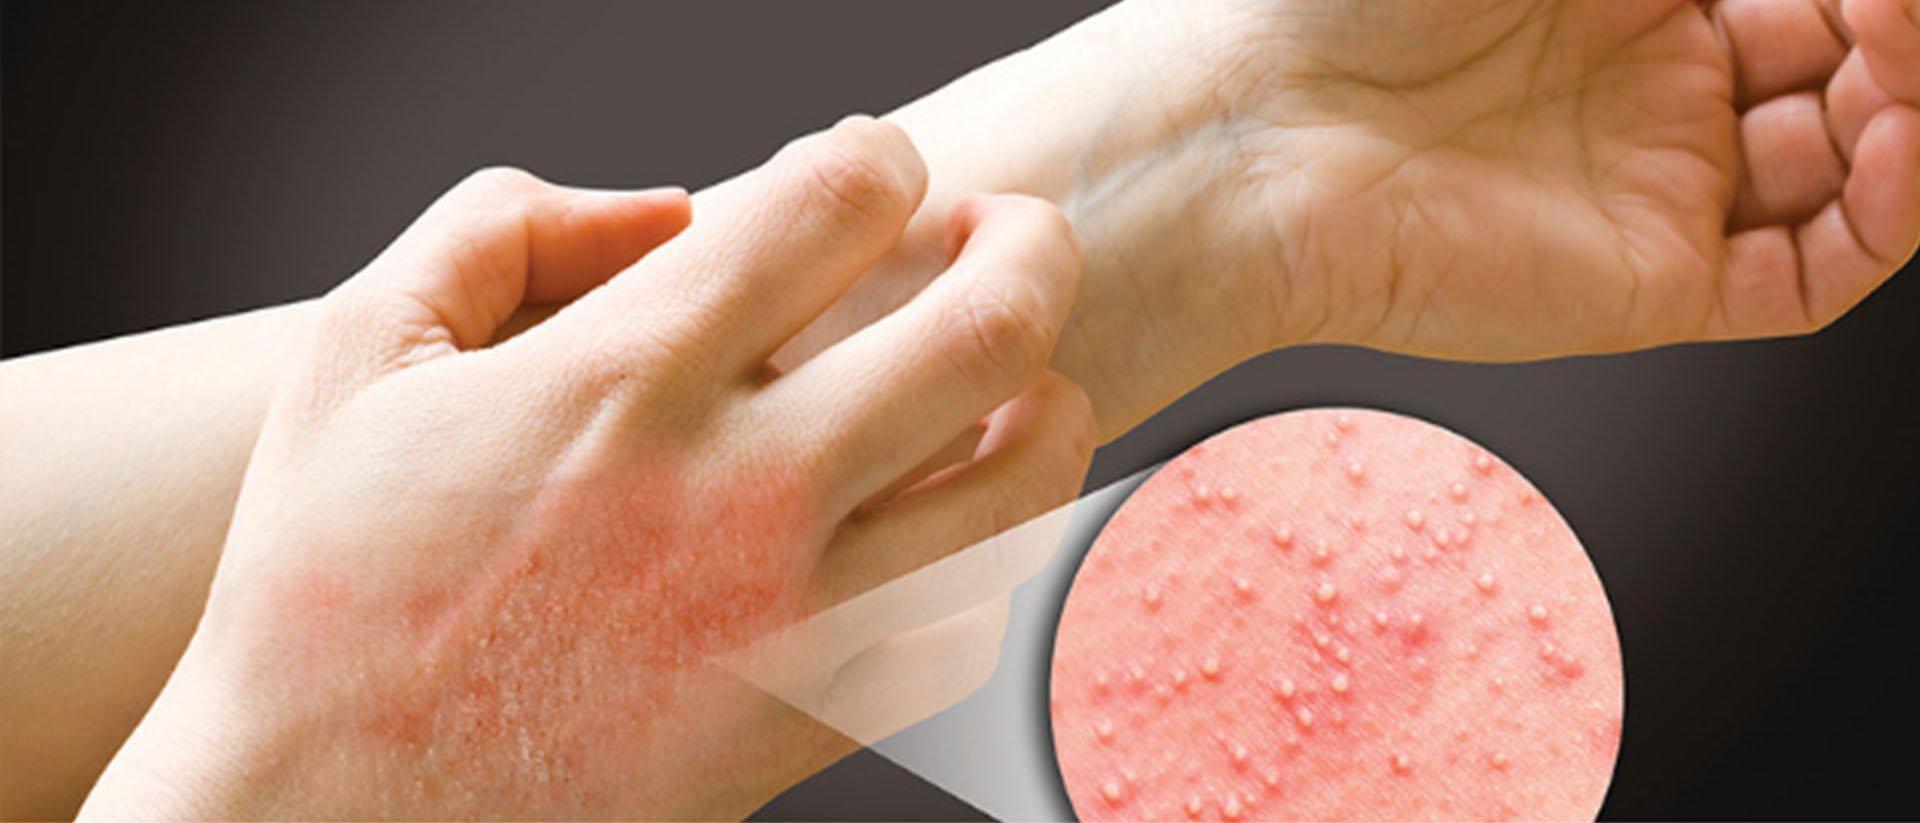 alerji teşhisi, alerji tedavisi, alerji nasıl tedavi edilir